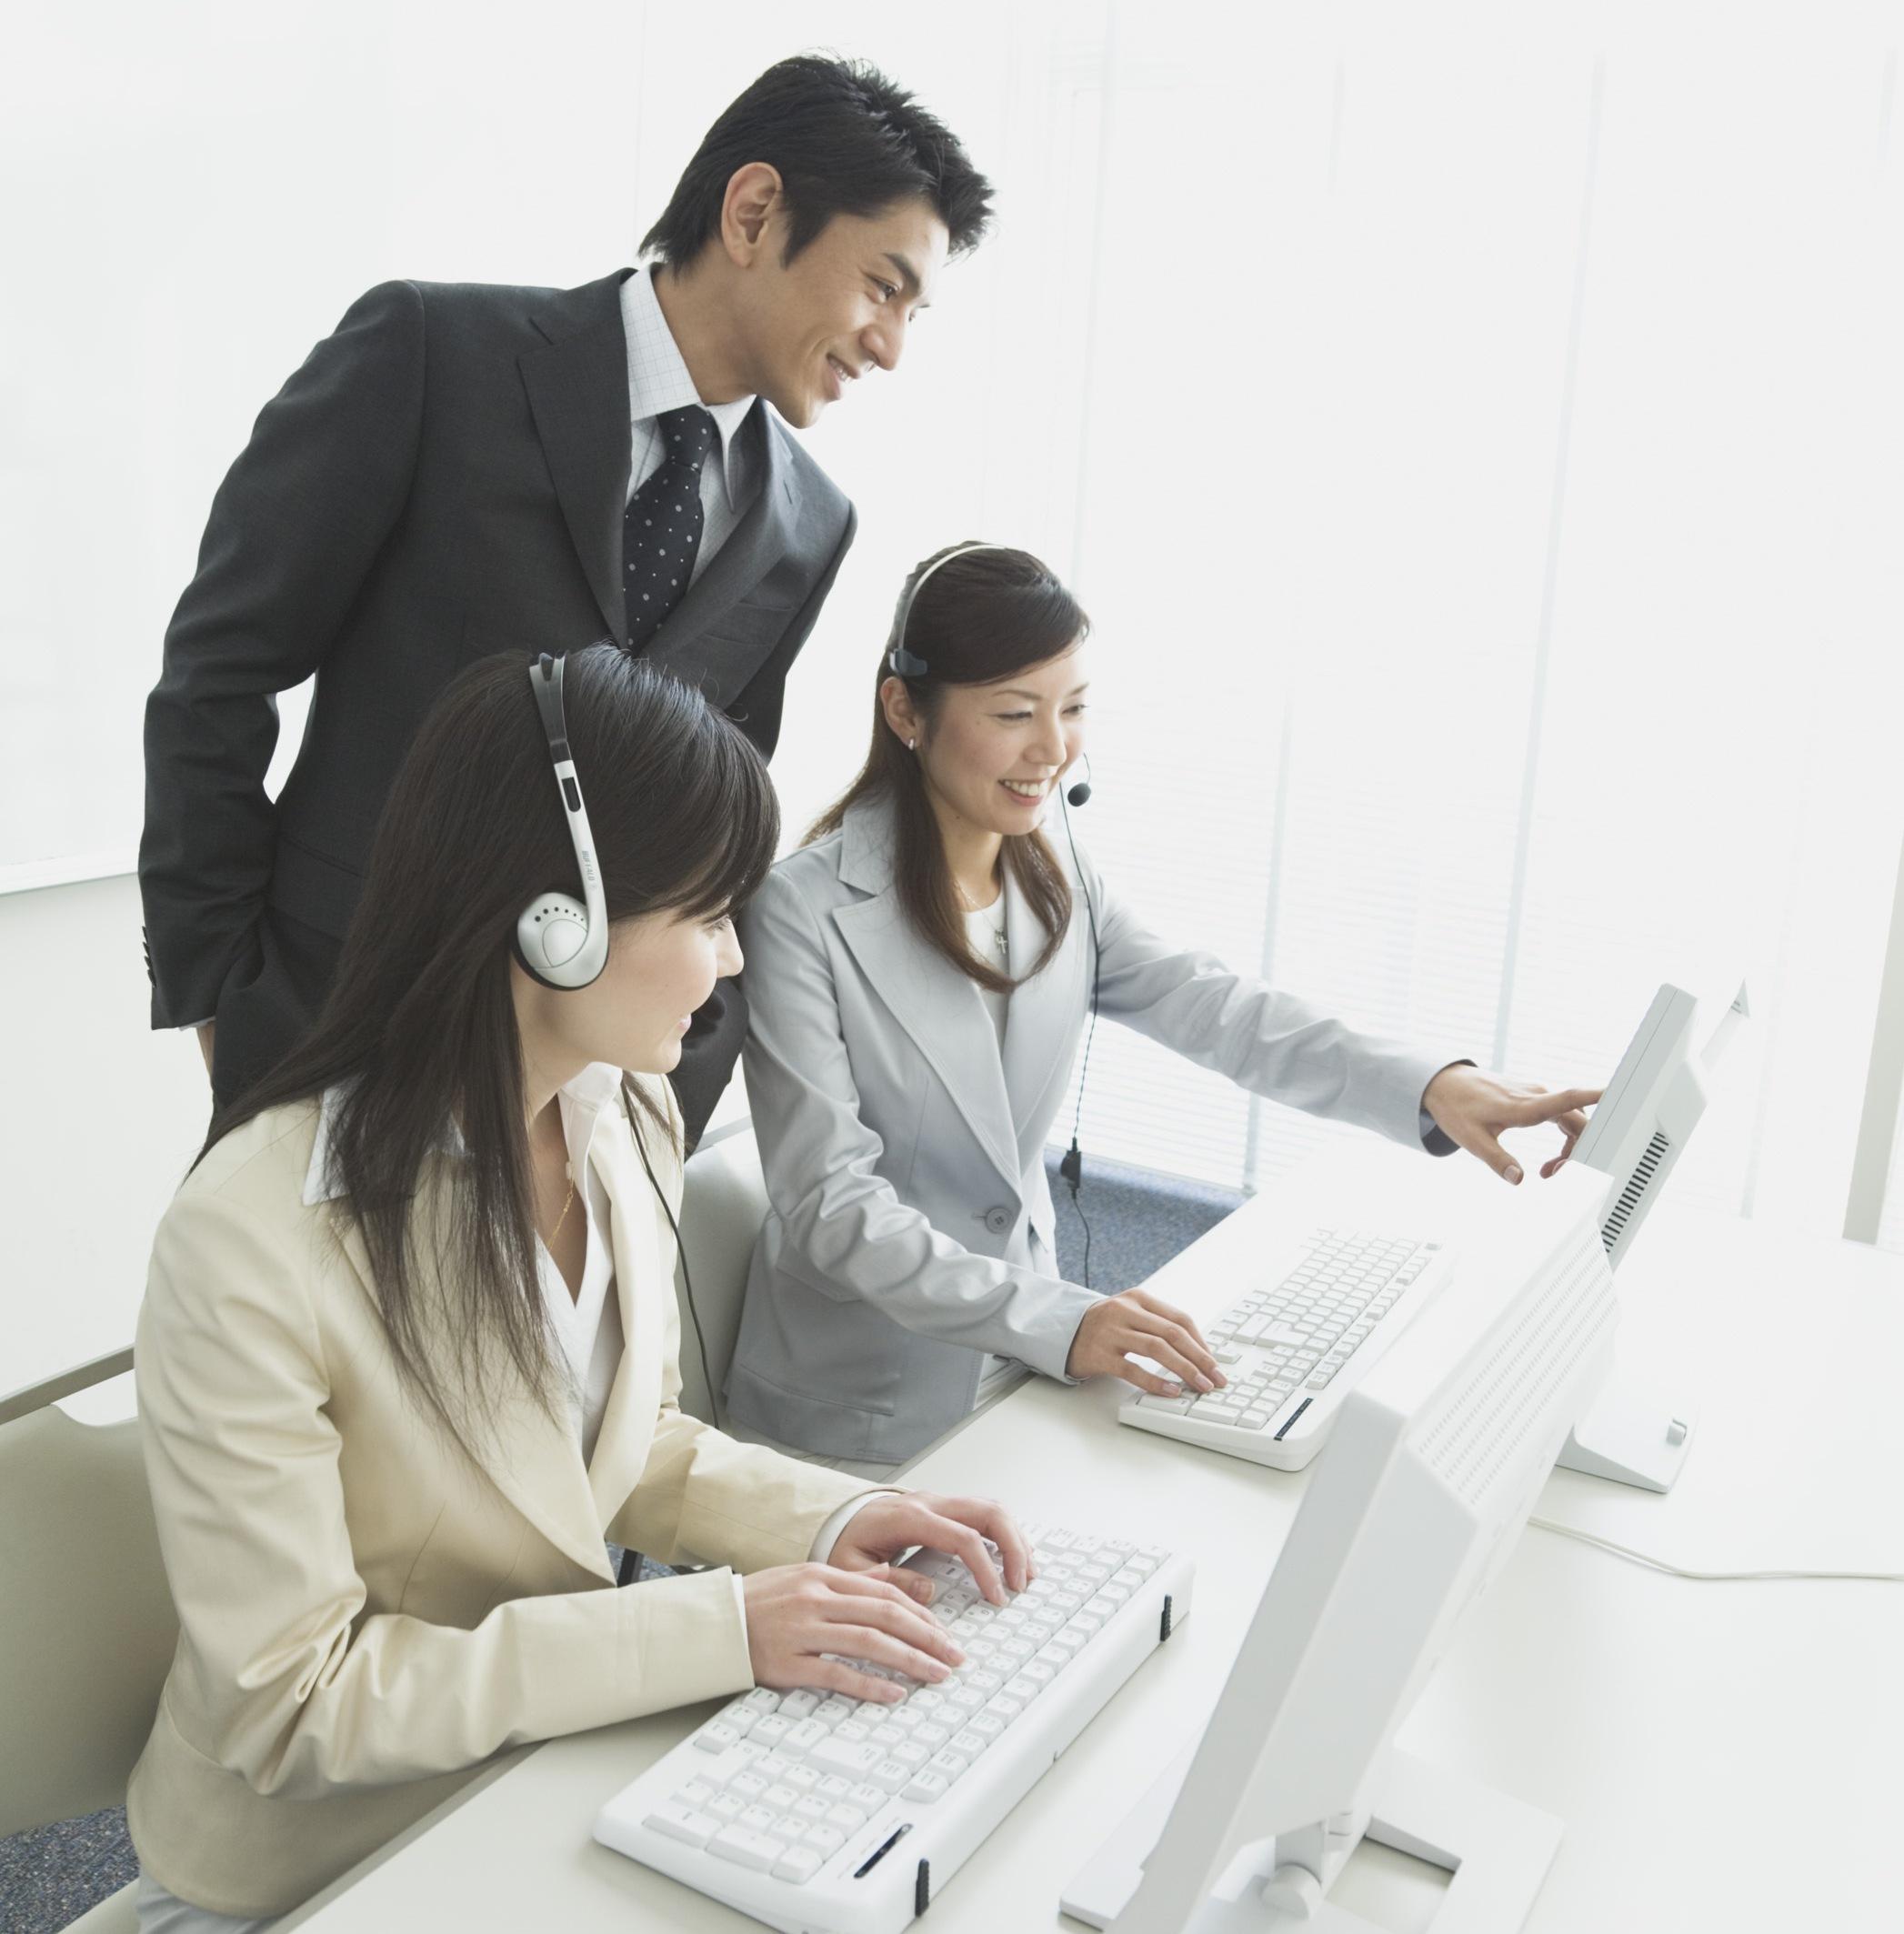 生産性を高める人材マネジメント ~人を活かし続ける1on1の対話術~